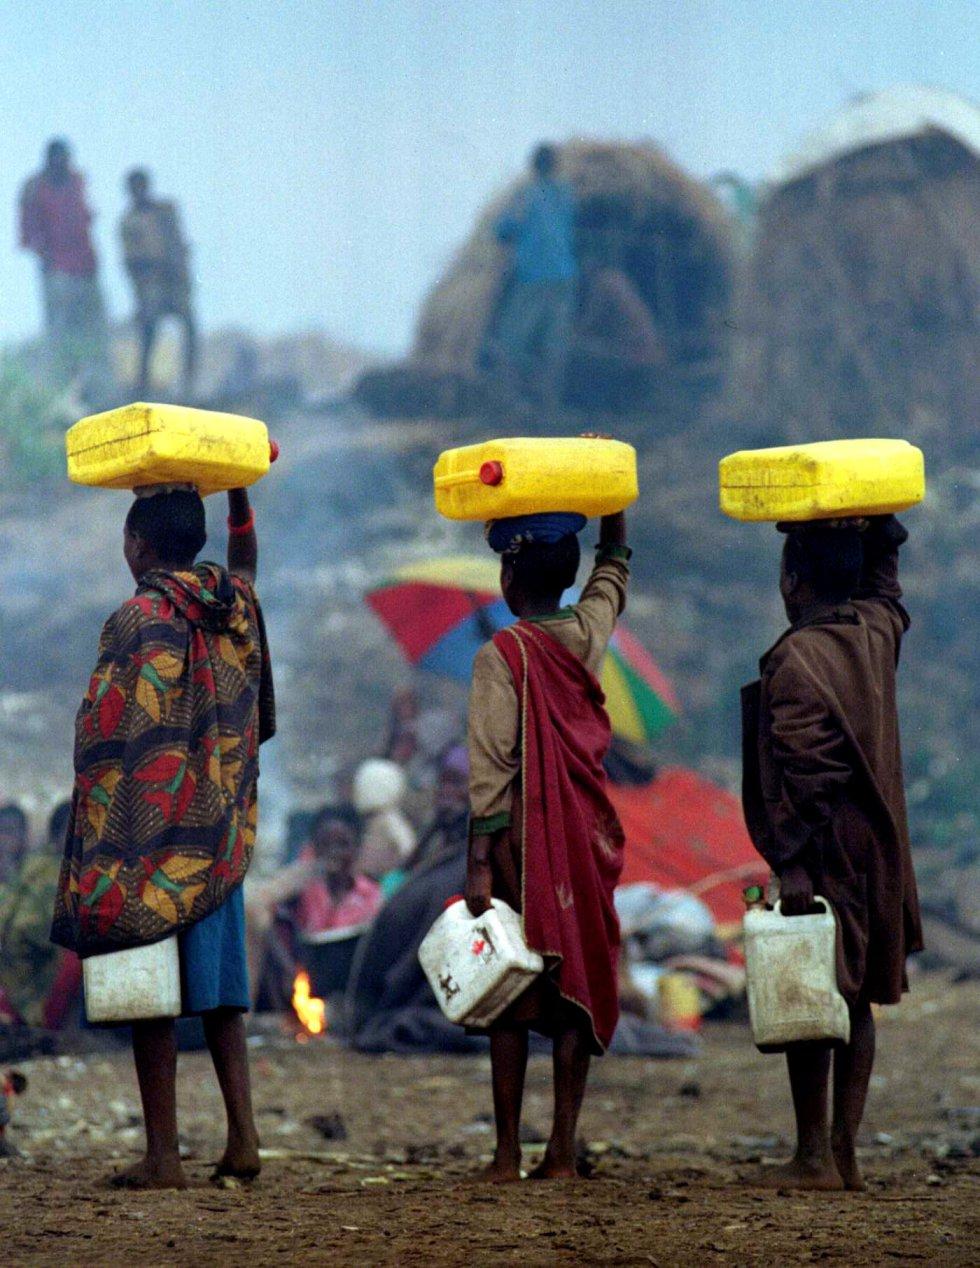 Tres jóvenes refugiados transportan bidones de agua distribuidos por militares franceses en el campamento de refugiados de Mugunga, cerca de Goma, el 13 de agosto de 1994.